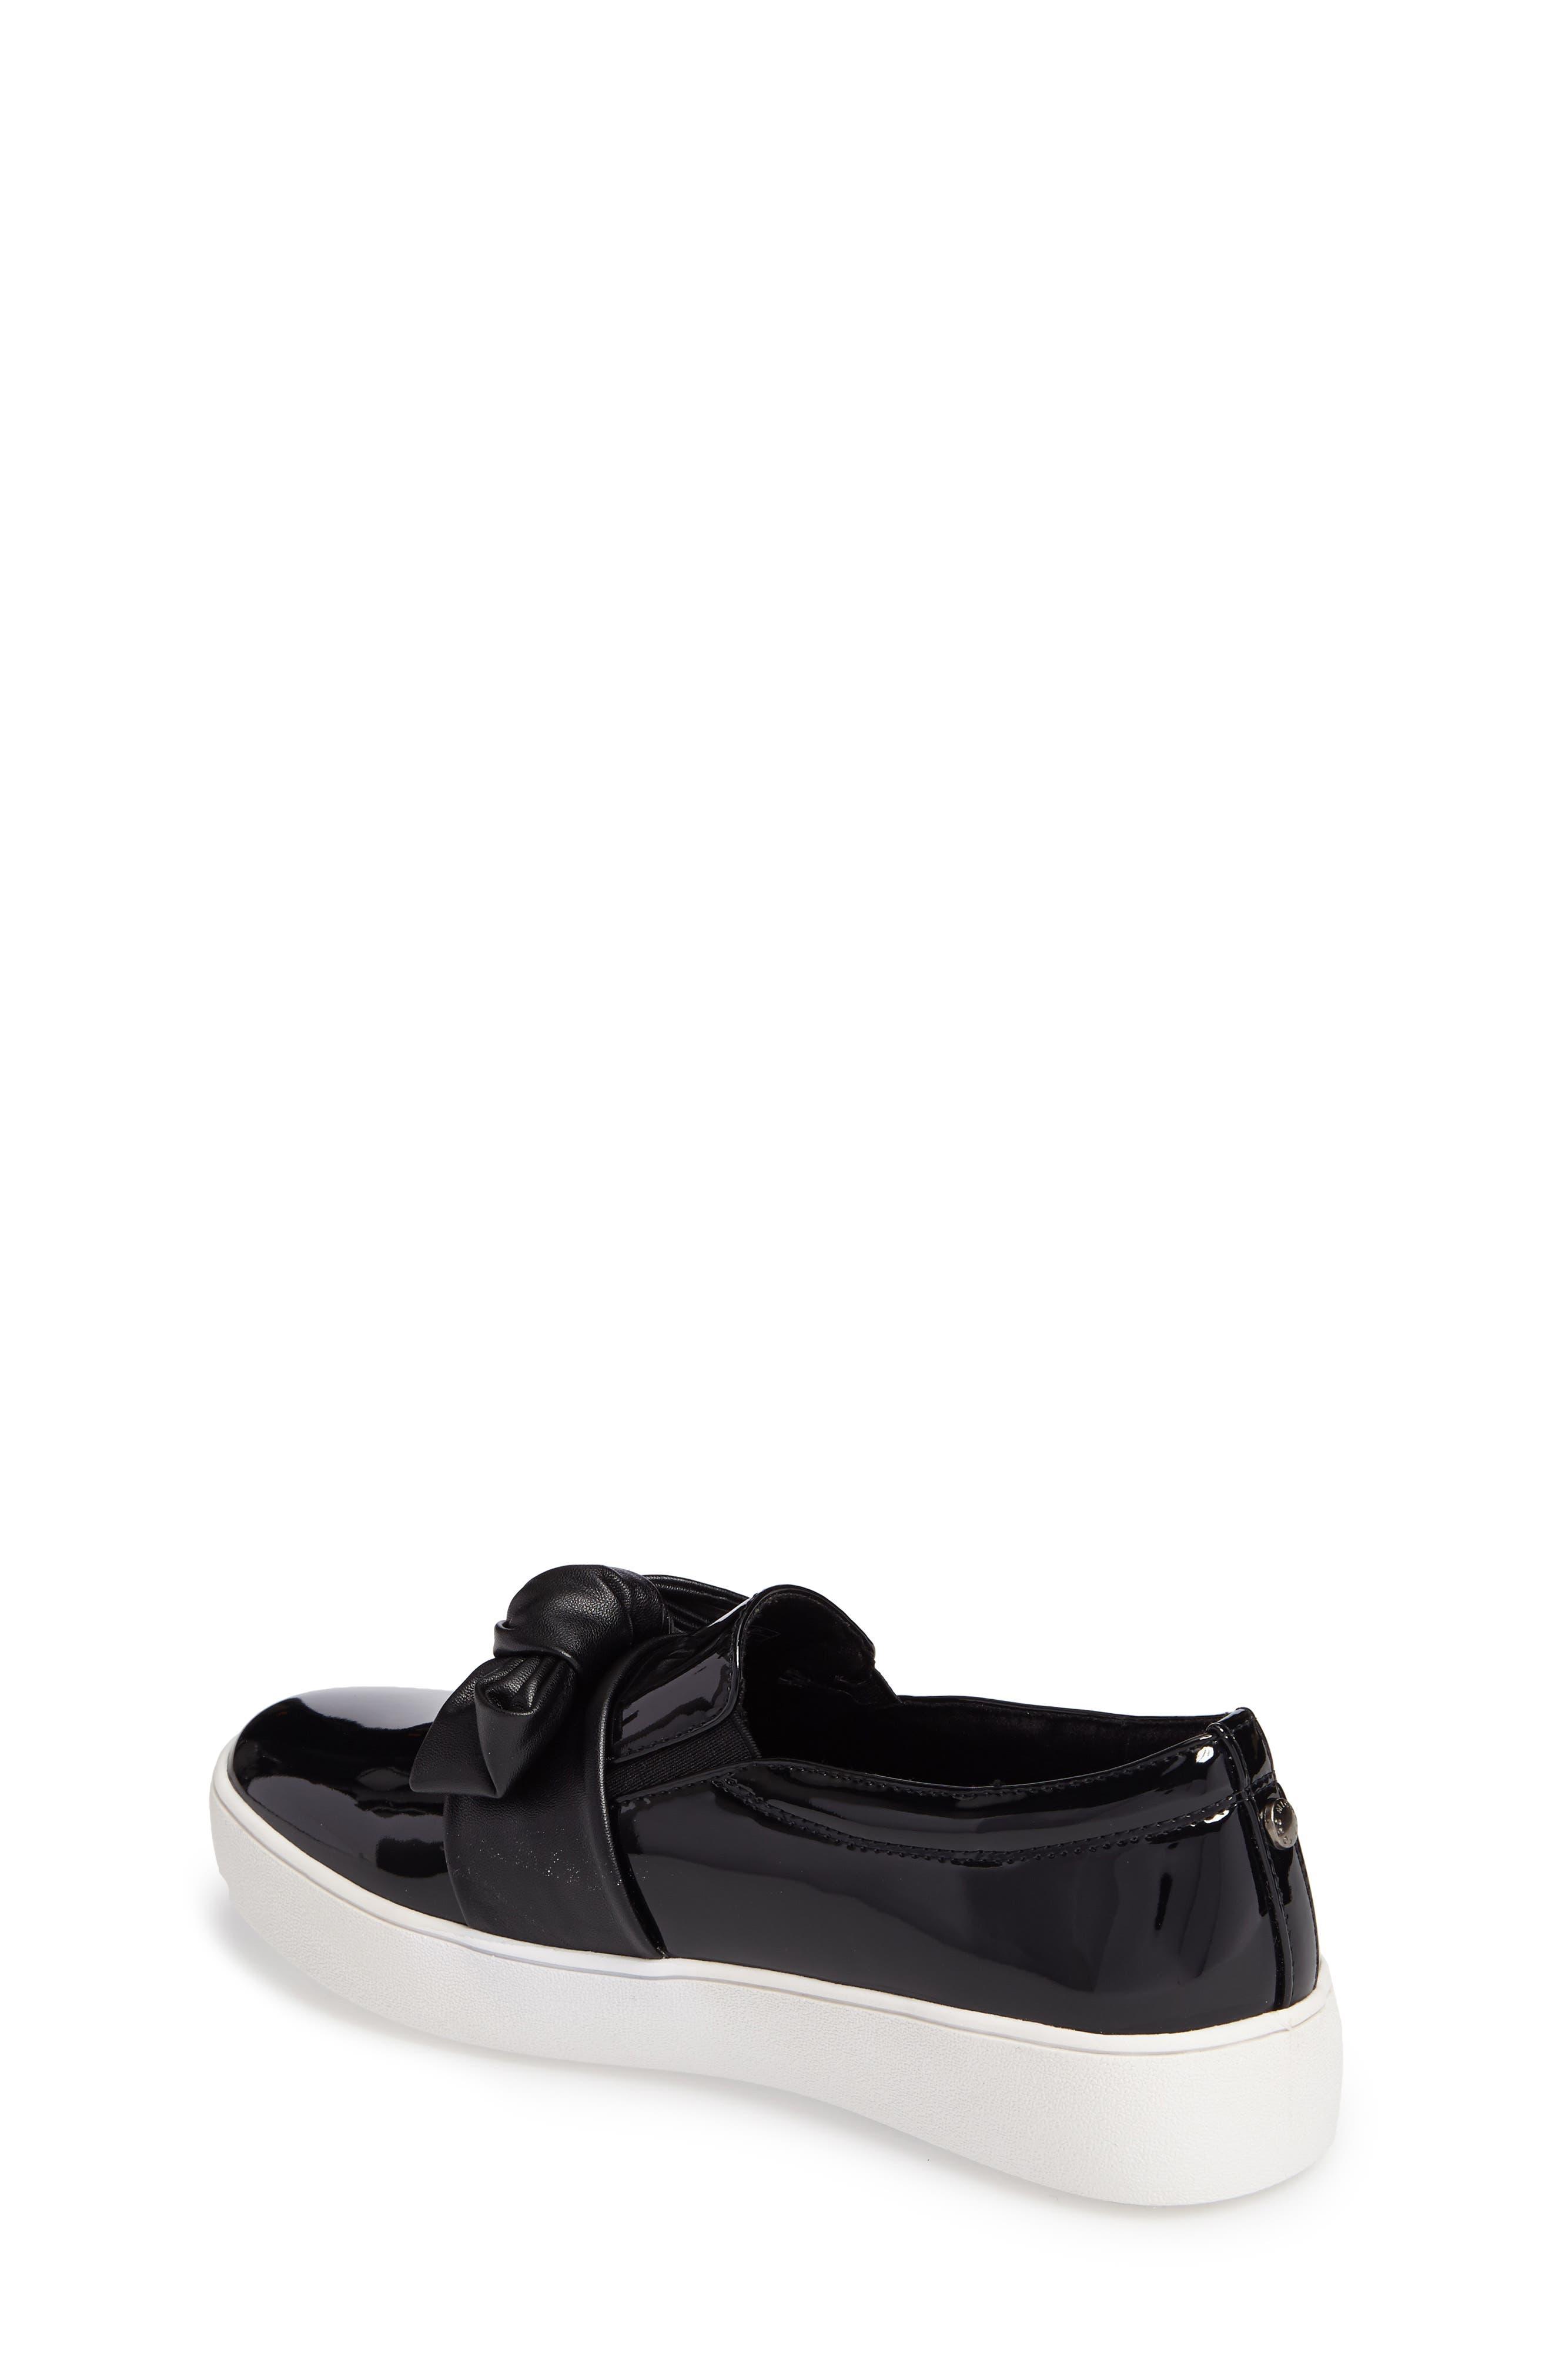 Maven Poppy Knotted Slip-On Sneaker,                             Alternate thumbnail 4, color,